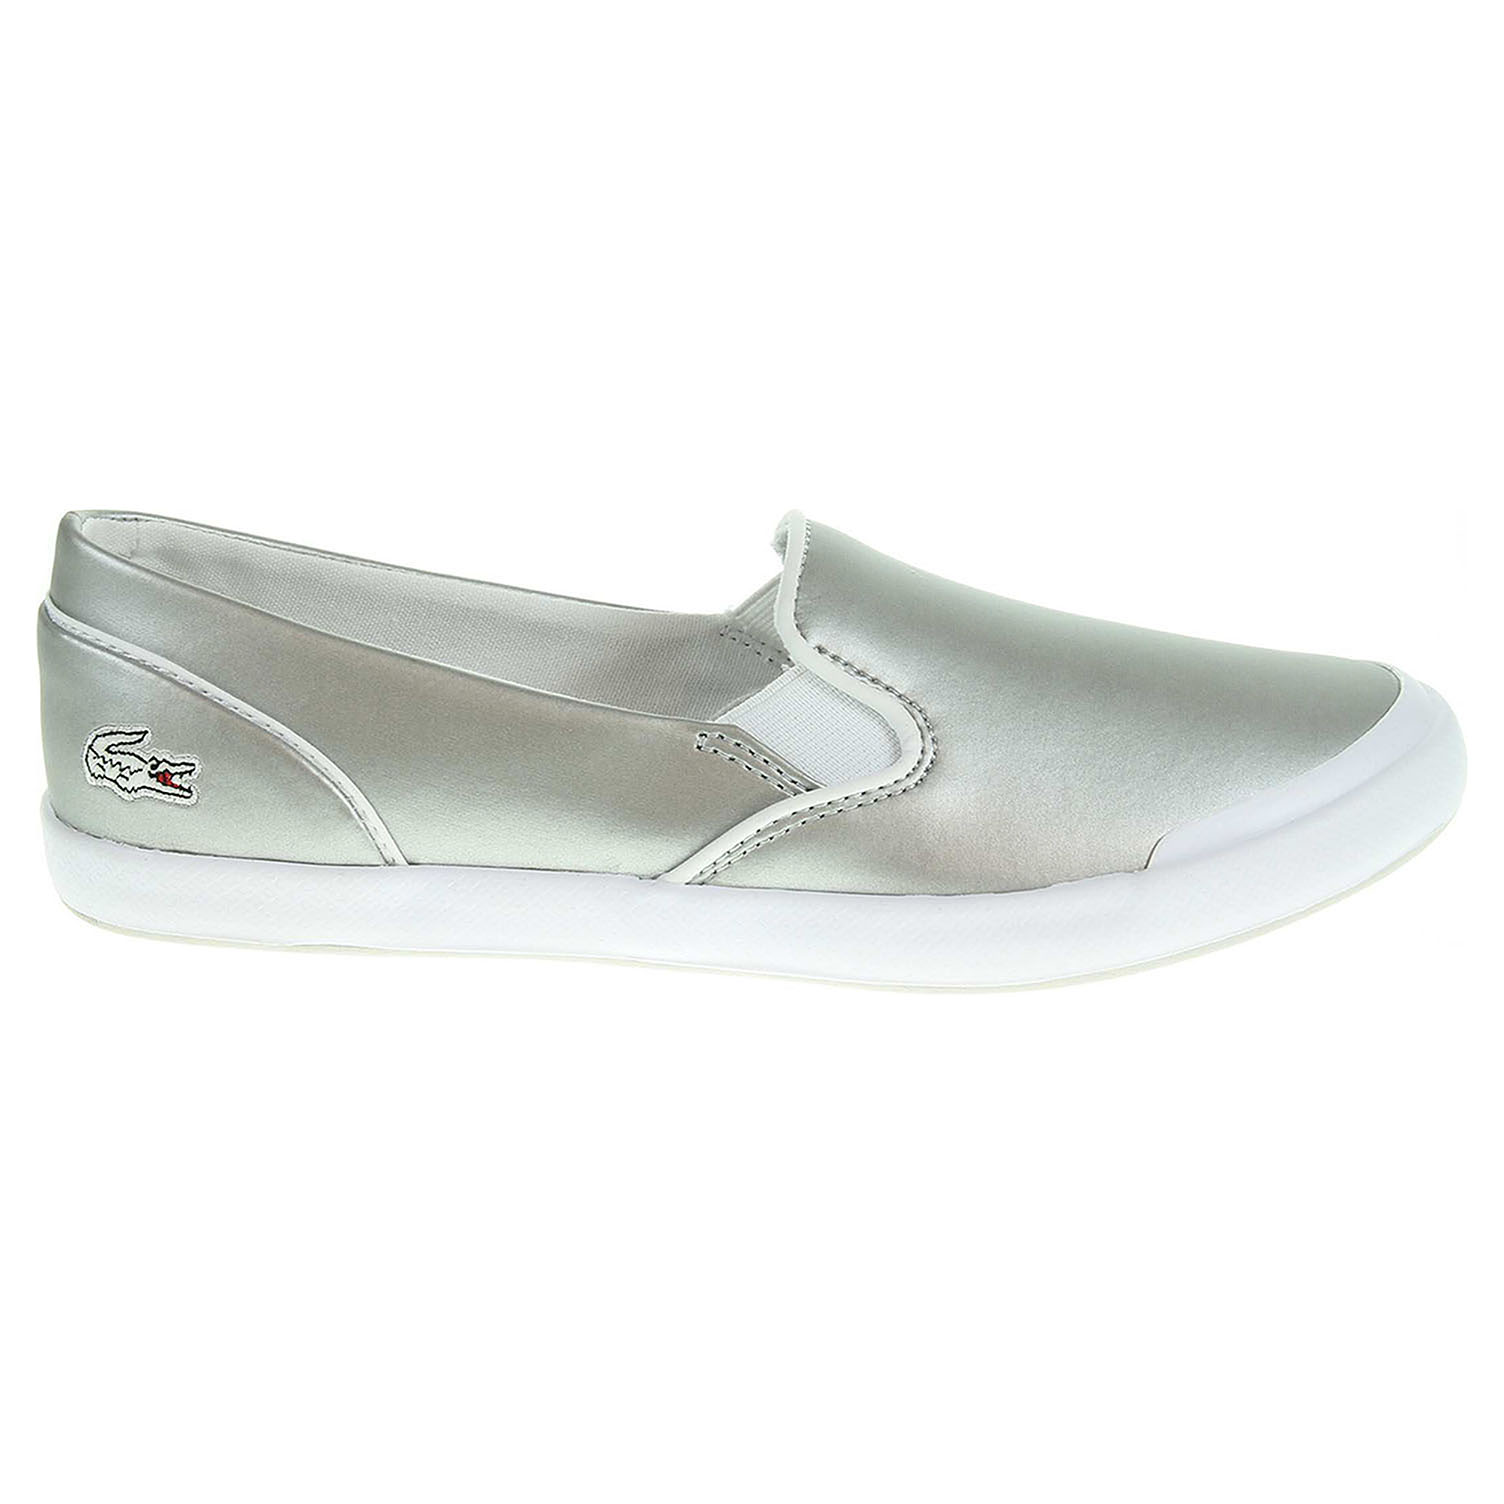 Lacoste Lancelle Slip-On dámská obuv stříbrná 41